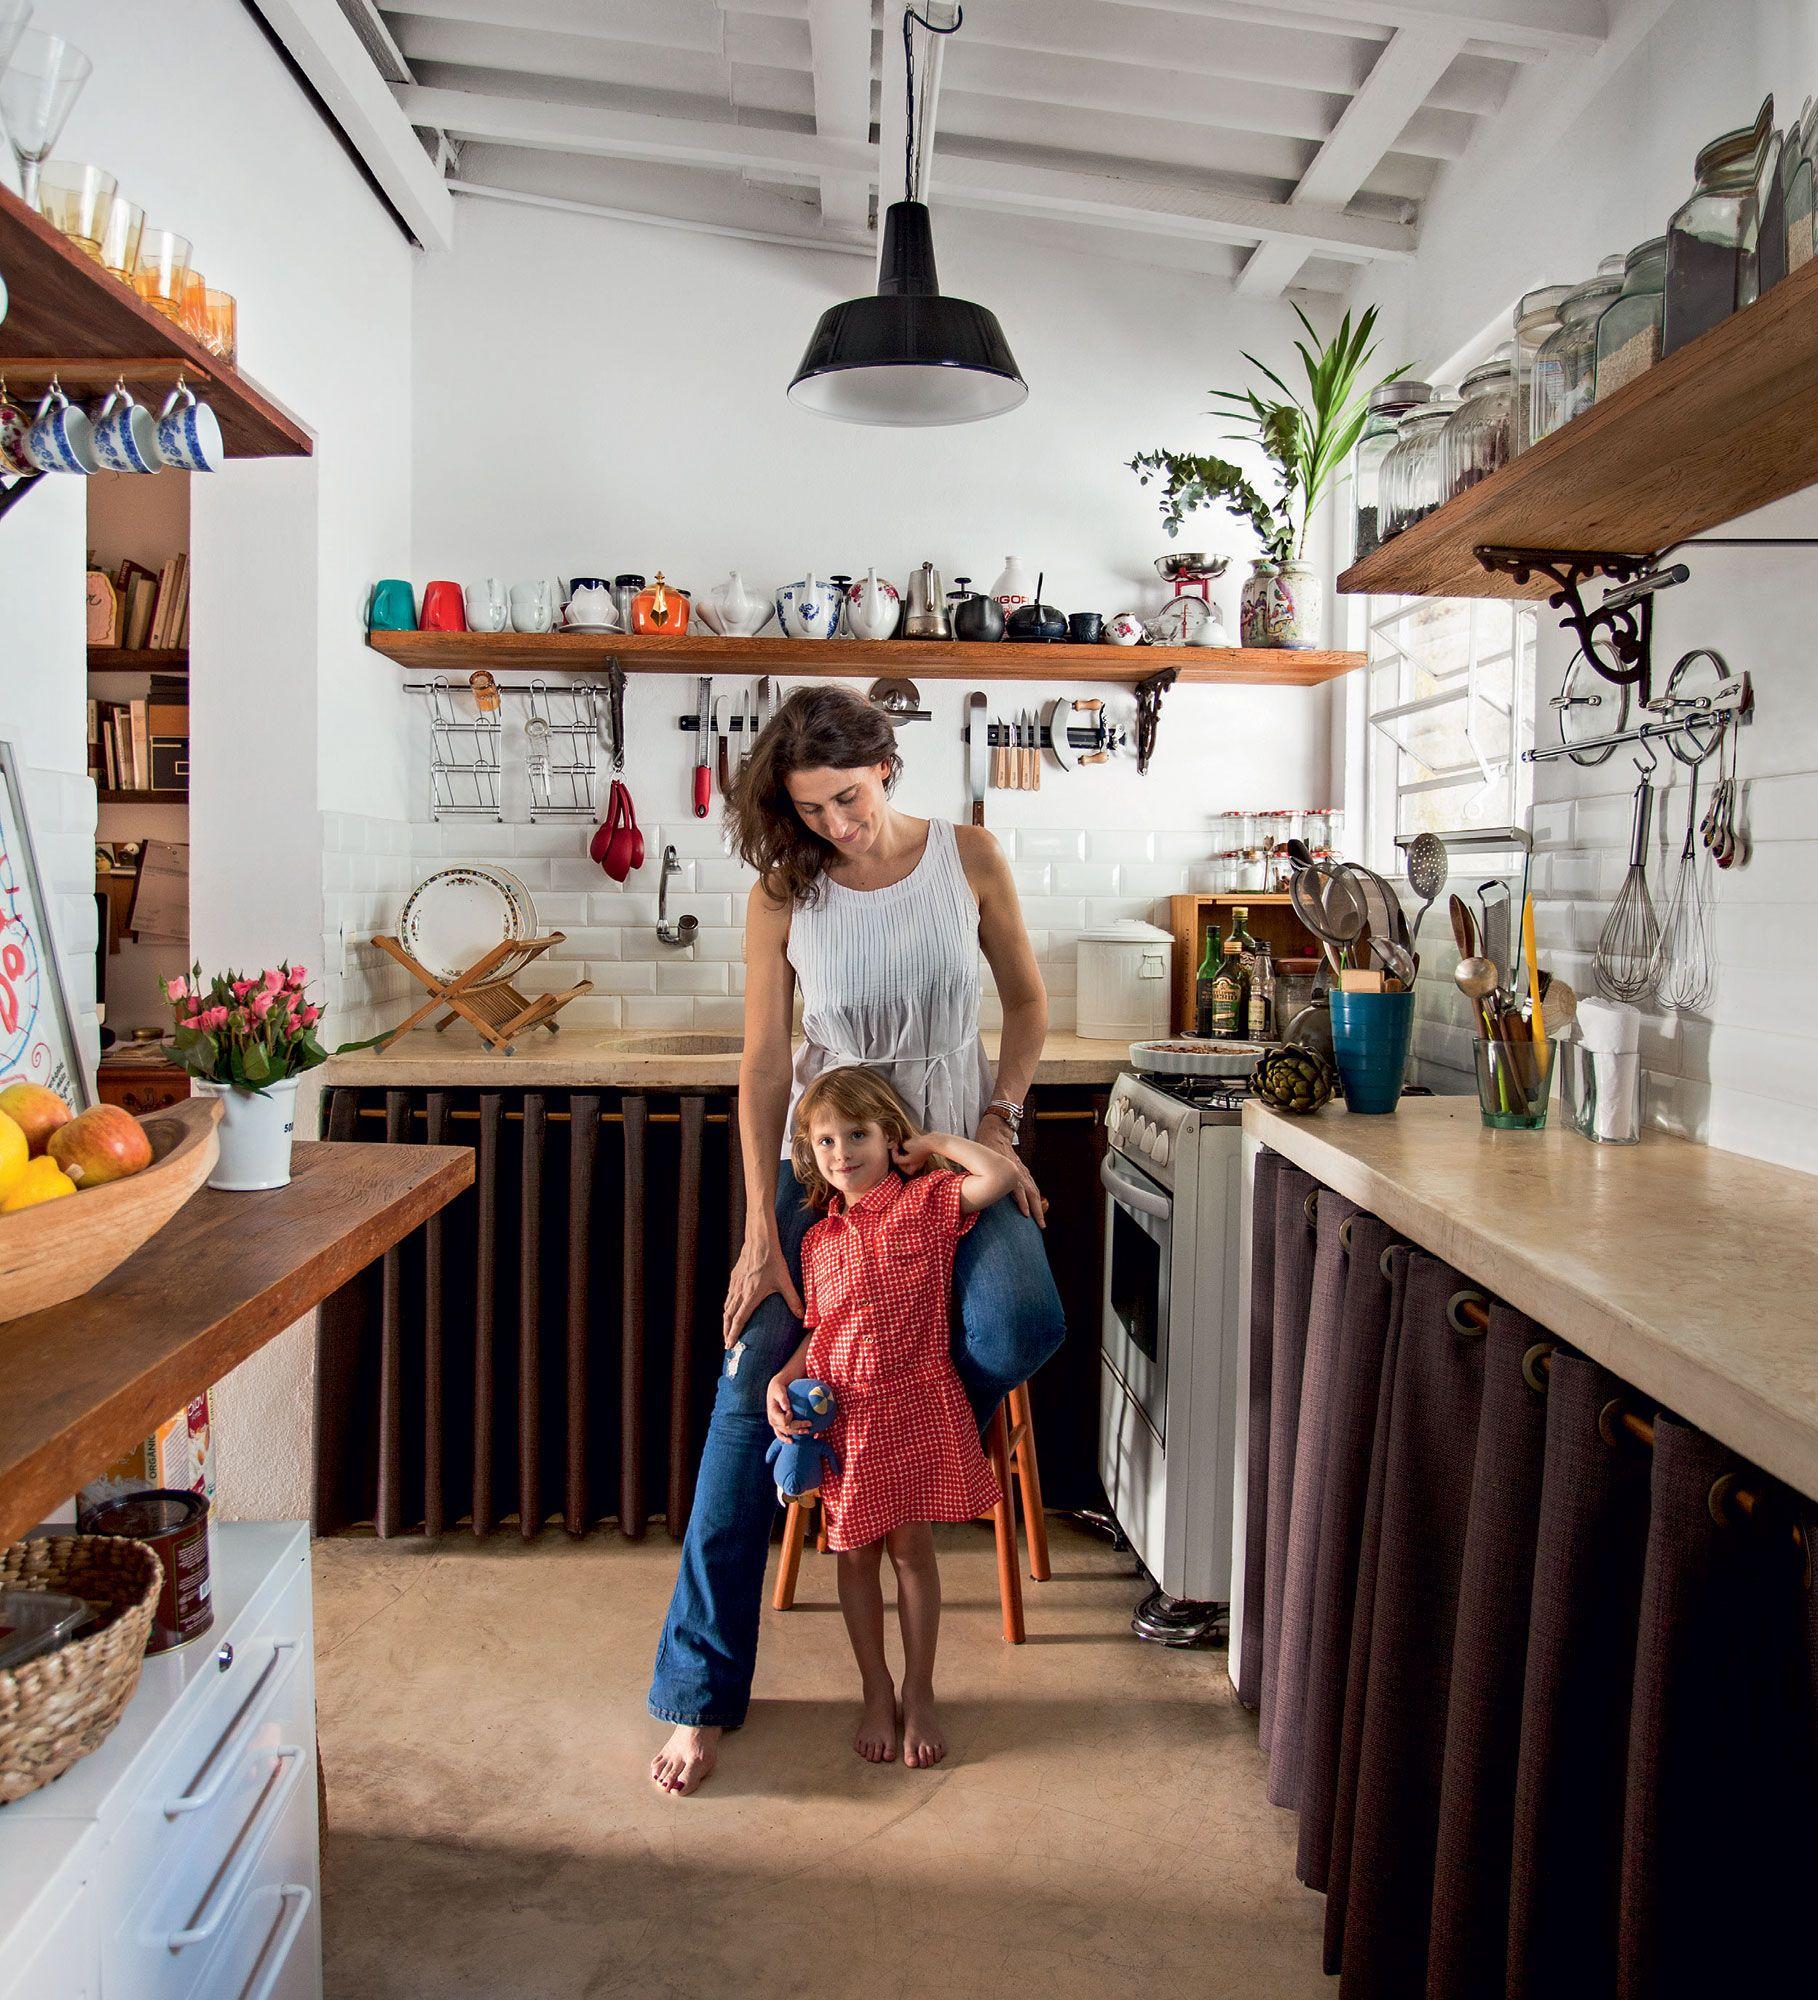 116-cozinha-de-jurada-de-masterchef-e-cheia-de-mimos-e-lembrancas-de-viagem-01